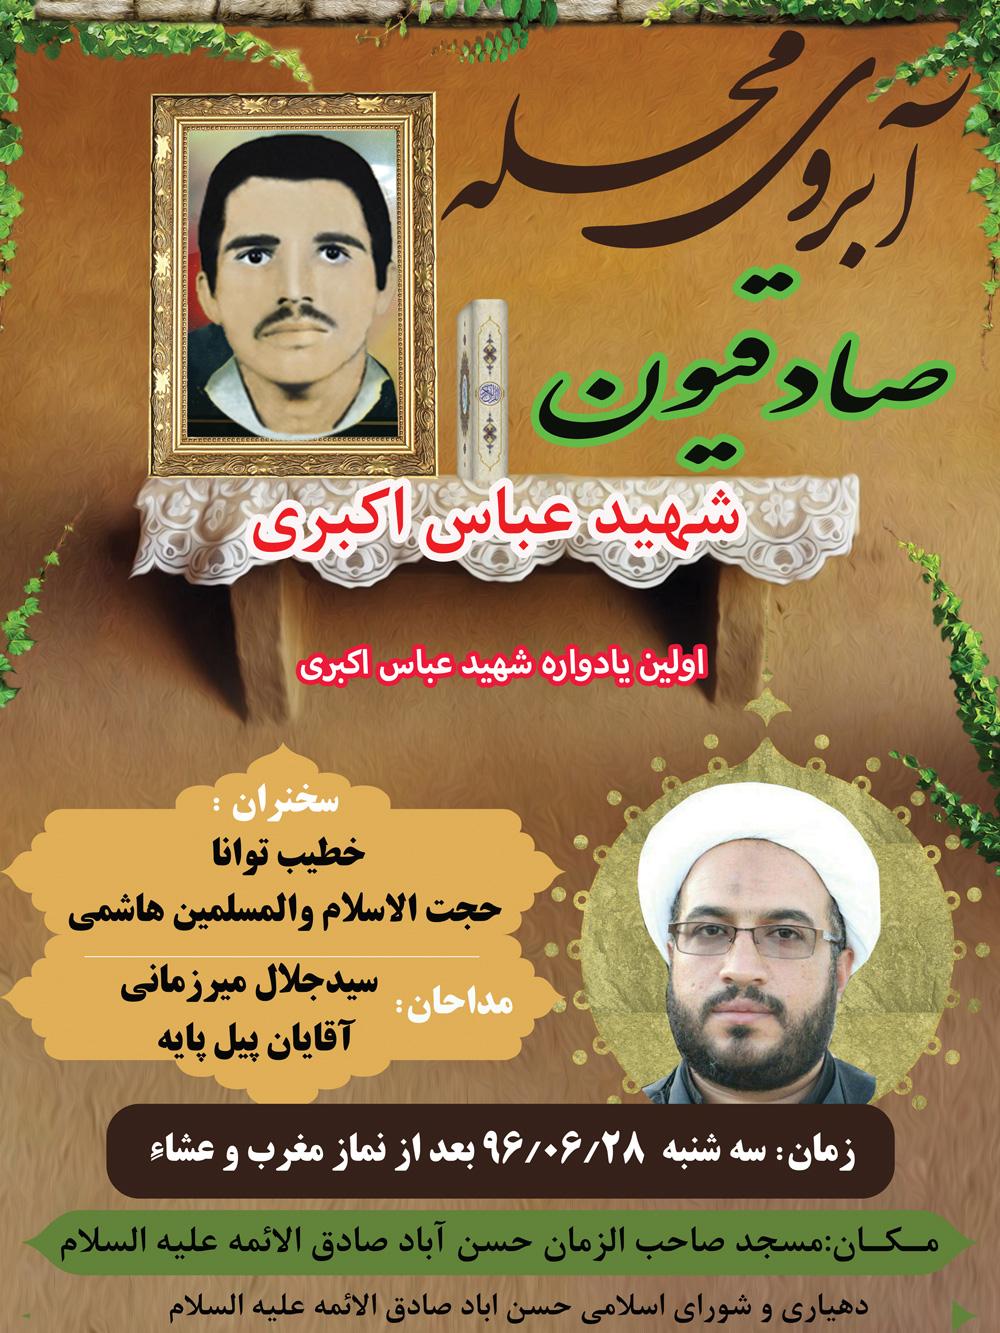 اولین یادواره  شهید عباس اکبری  در محله صادقیون رفسنجان  برگزار میشود